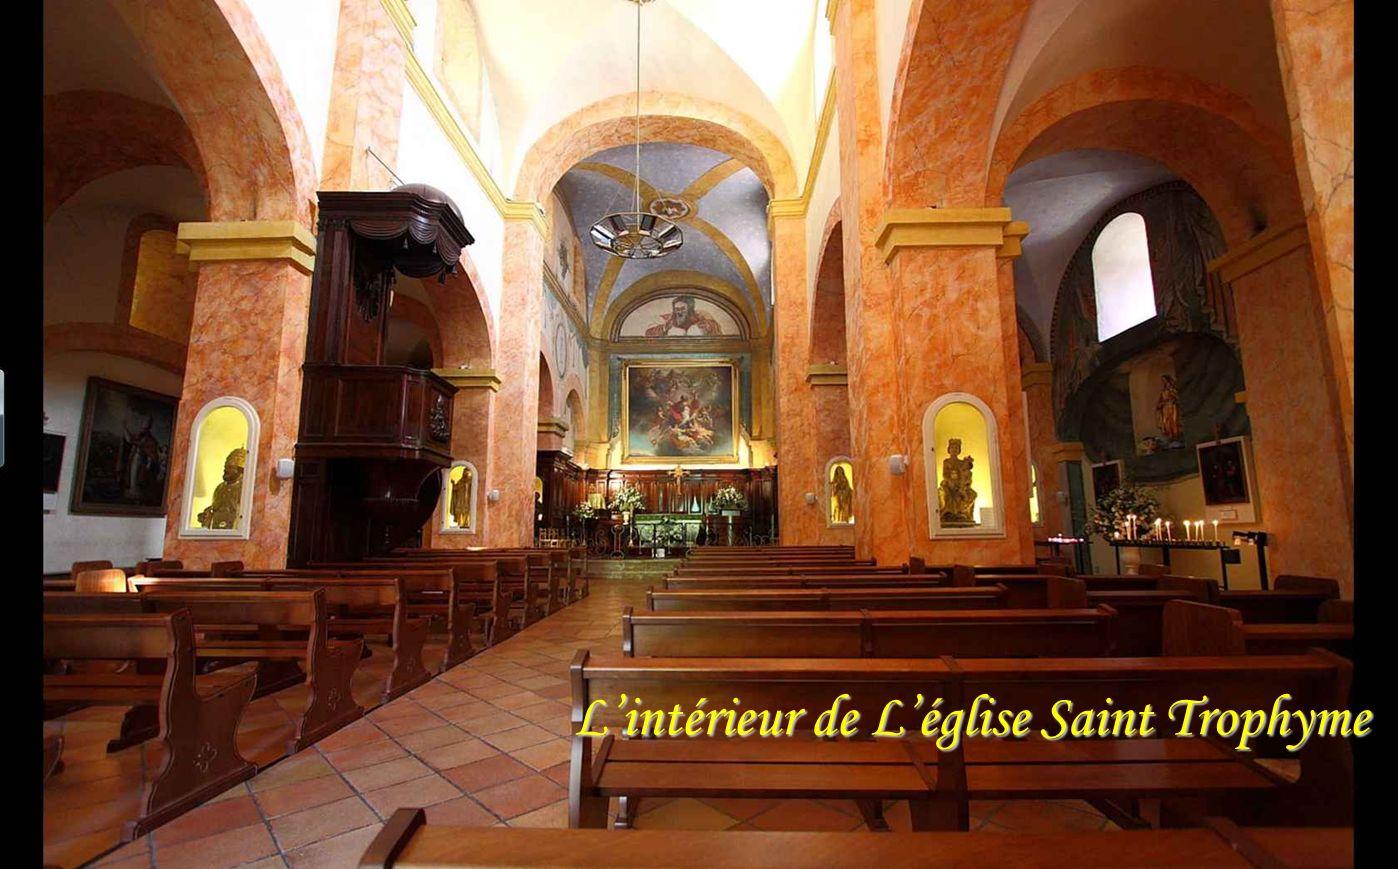 L'intérieur de L'église Saint Trophyme